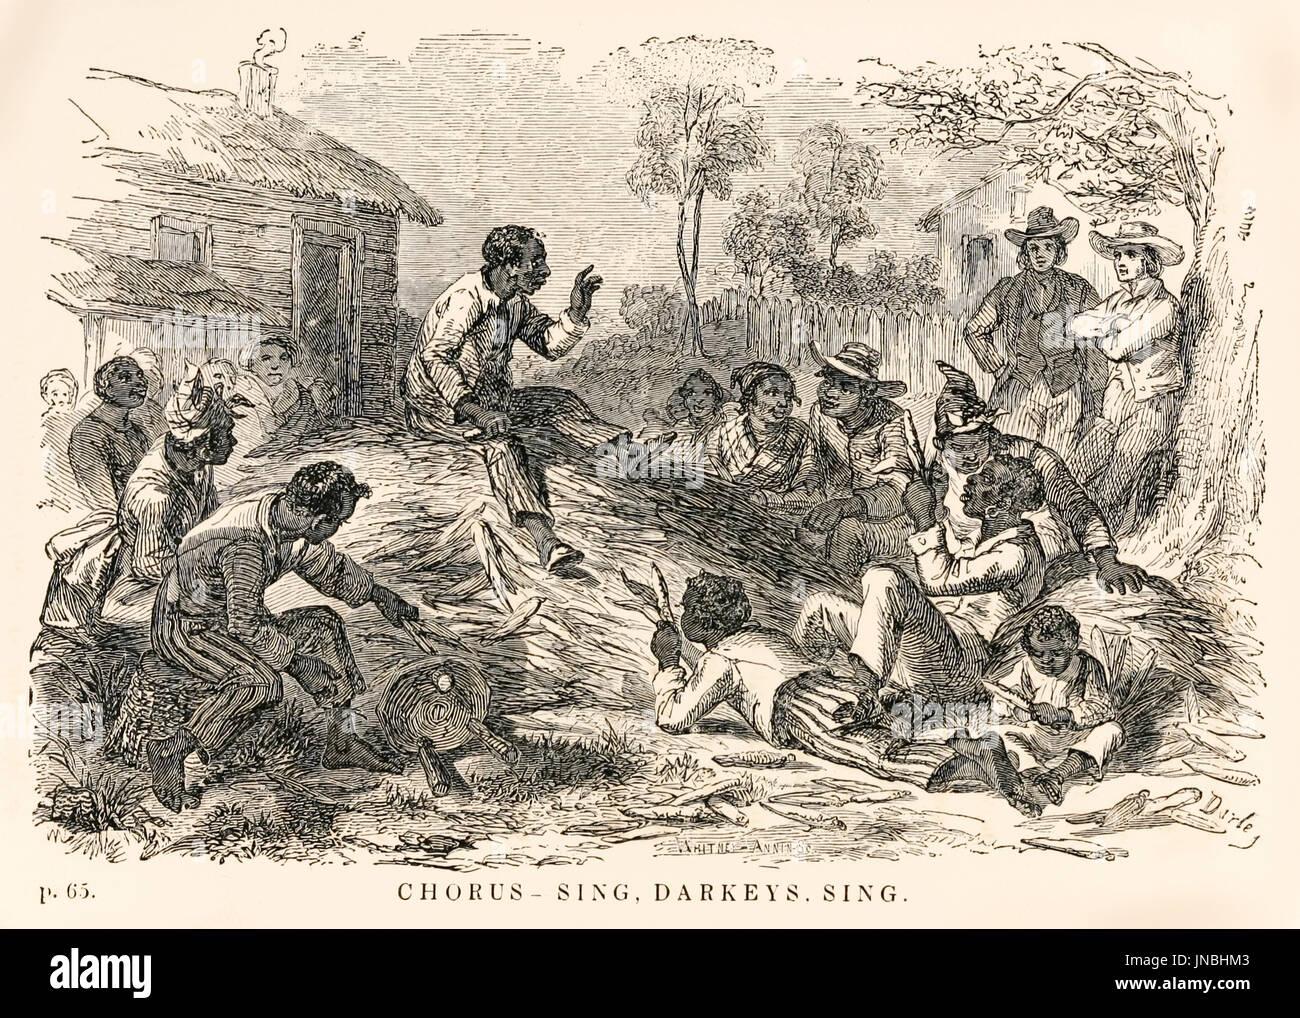 cruelty of slavery